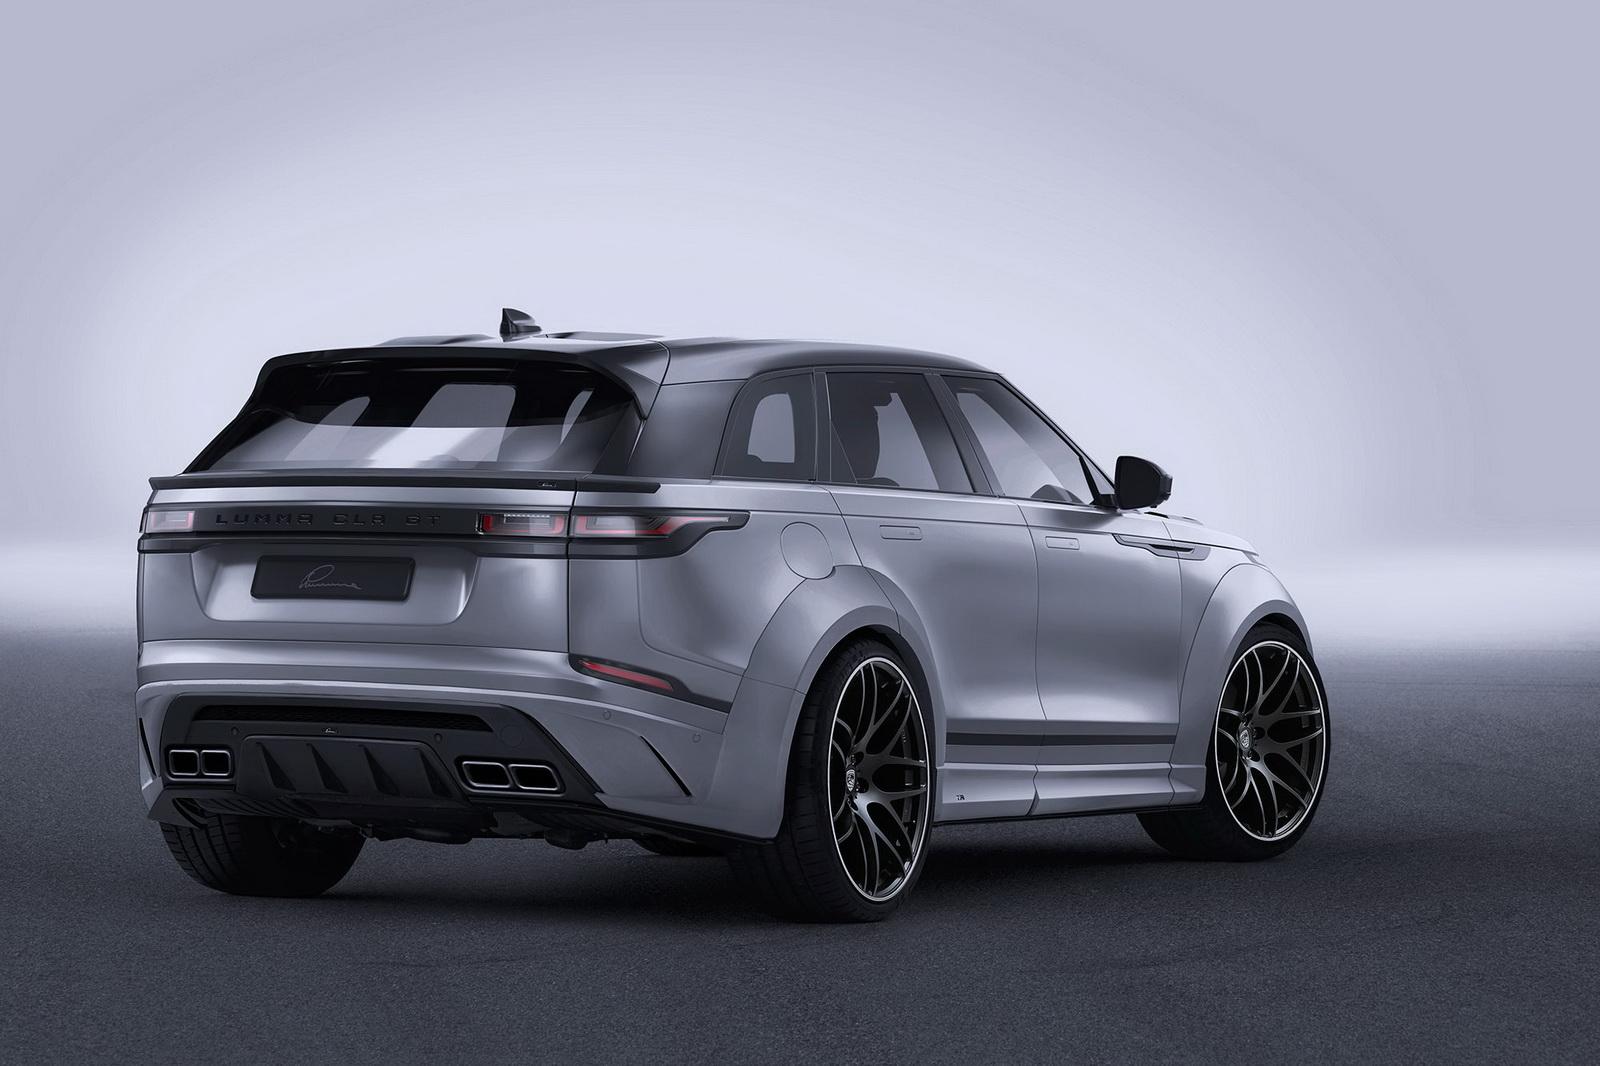 Range_Rover_Velar_By_Lumma_0002